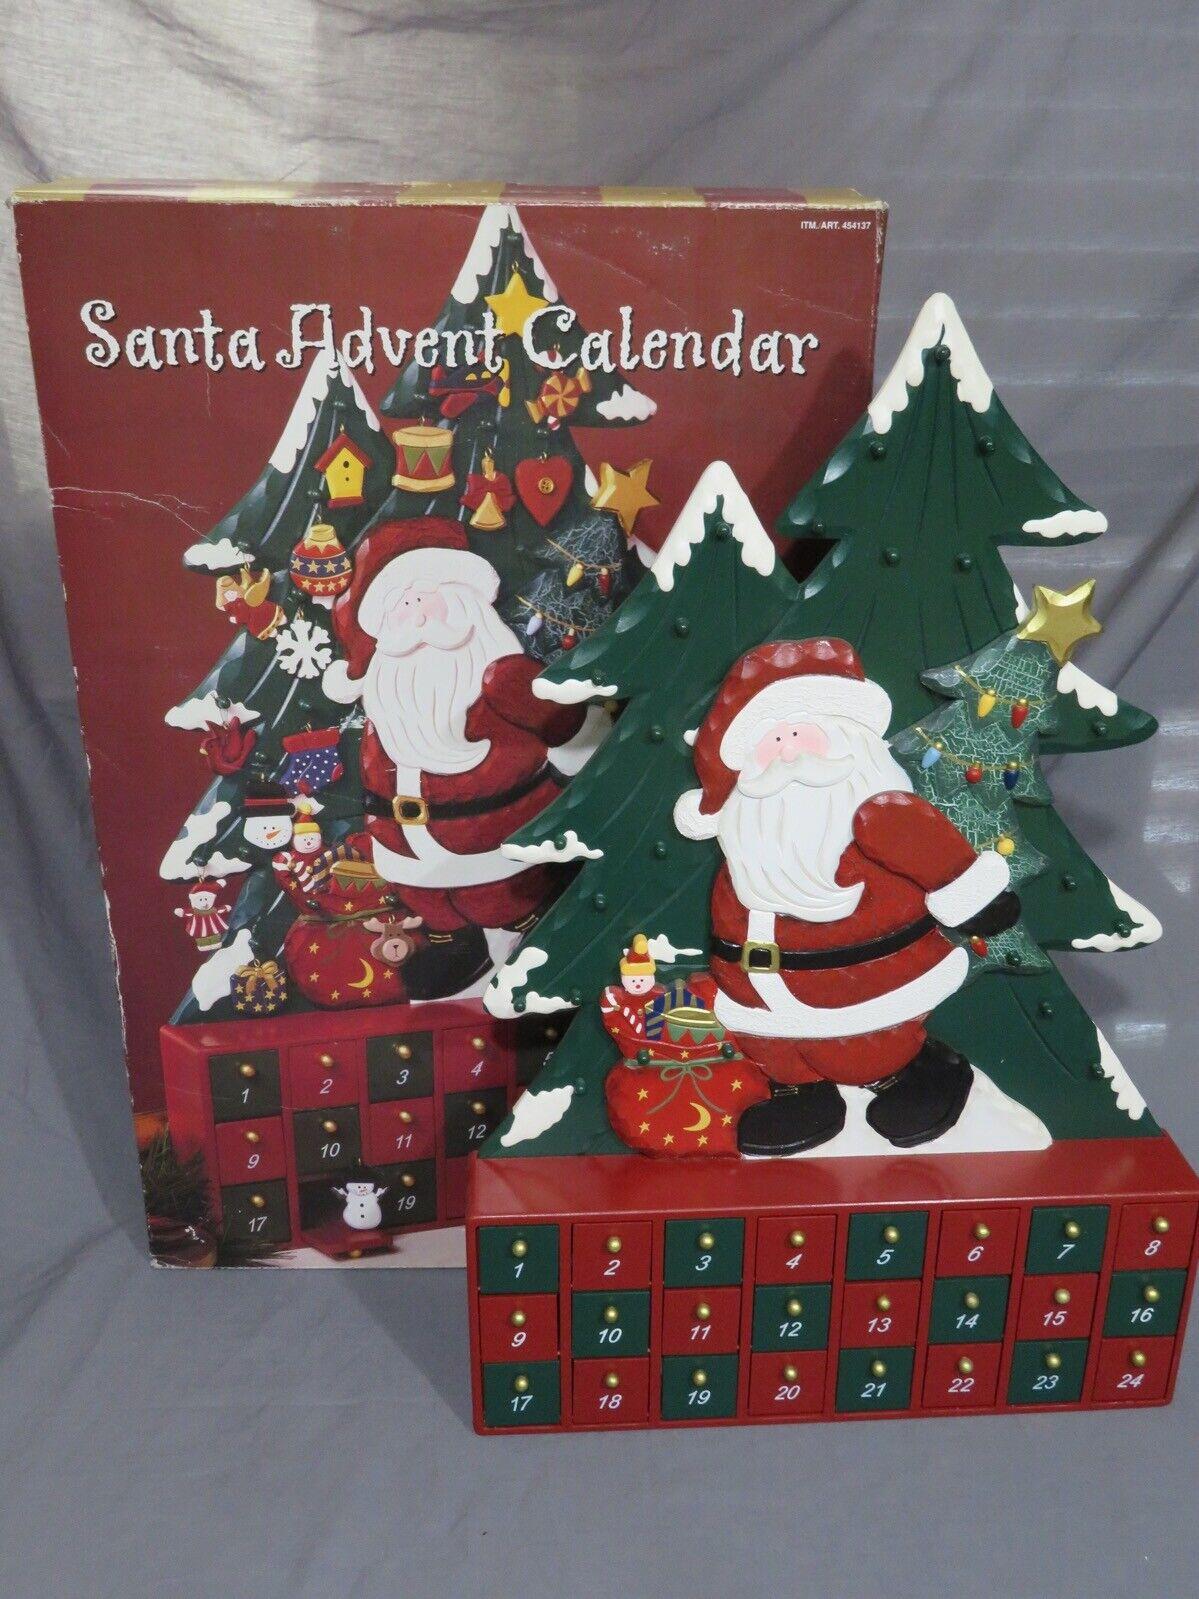 Groß Weihnachtsmann Adventskalender Holz Weihnachten Display Komplett mit 24